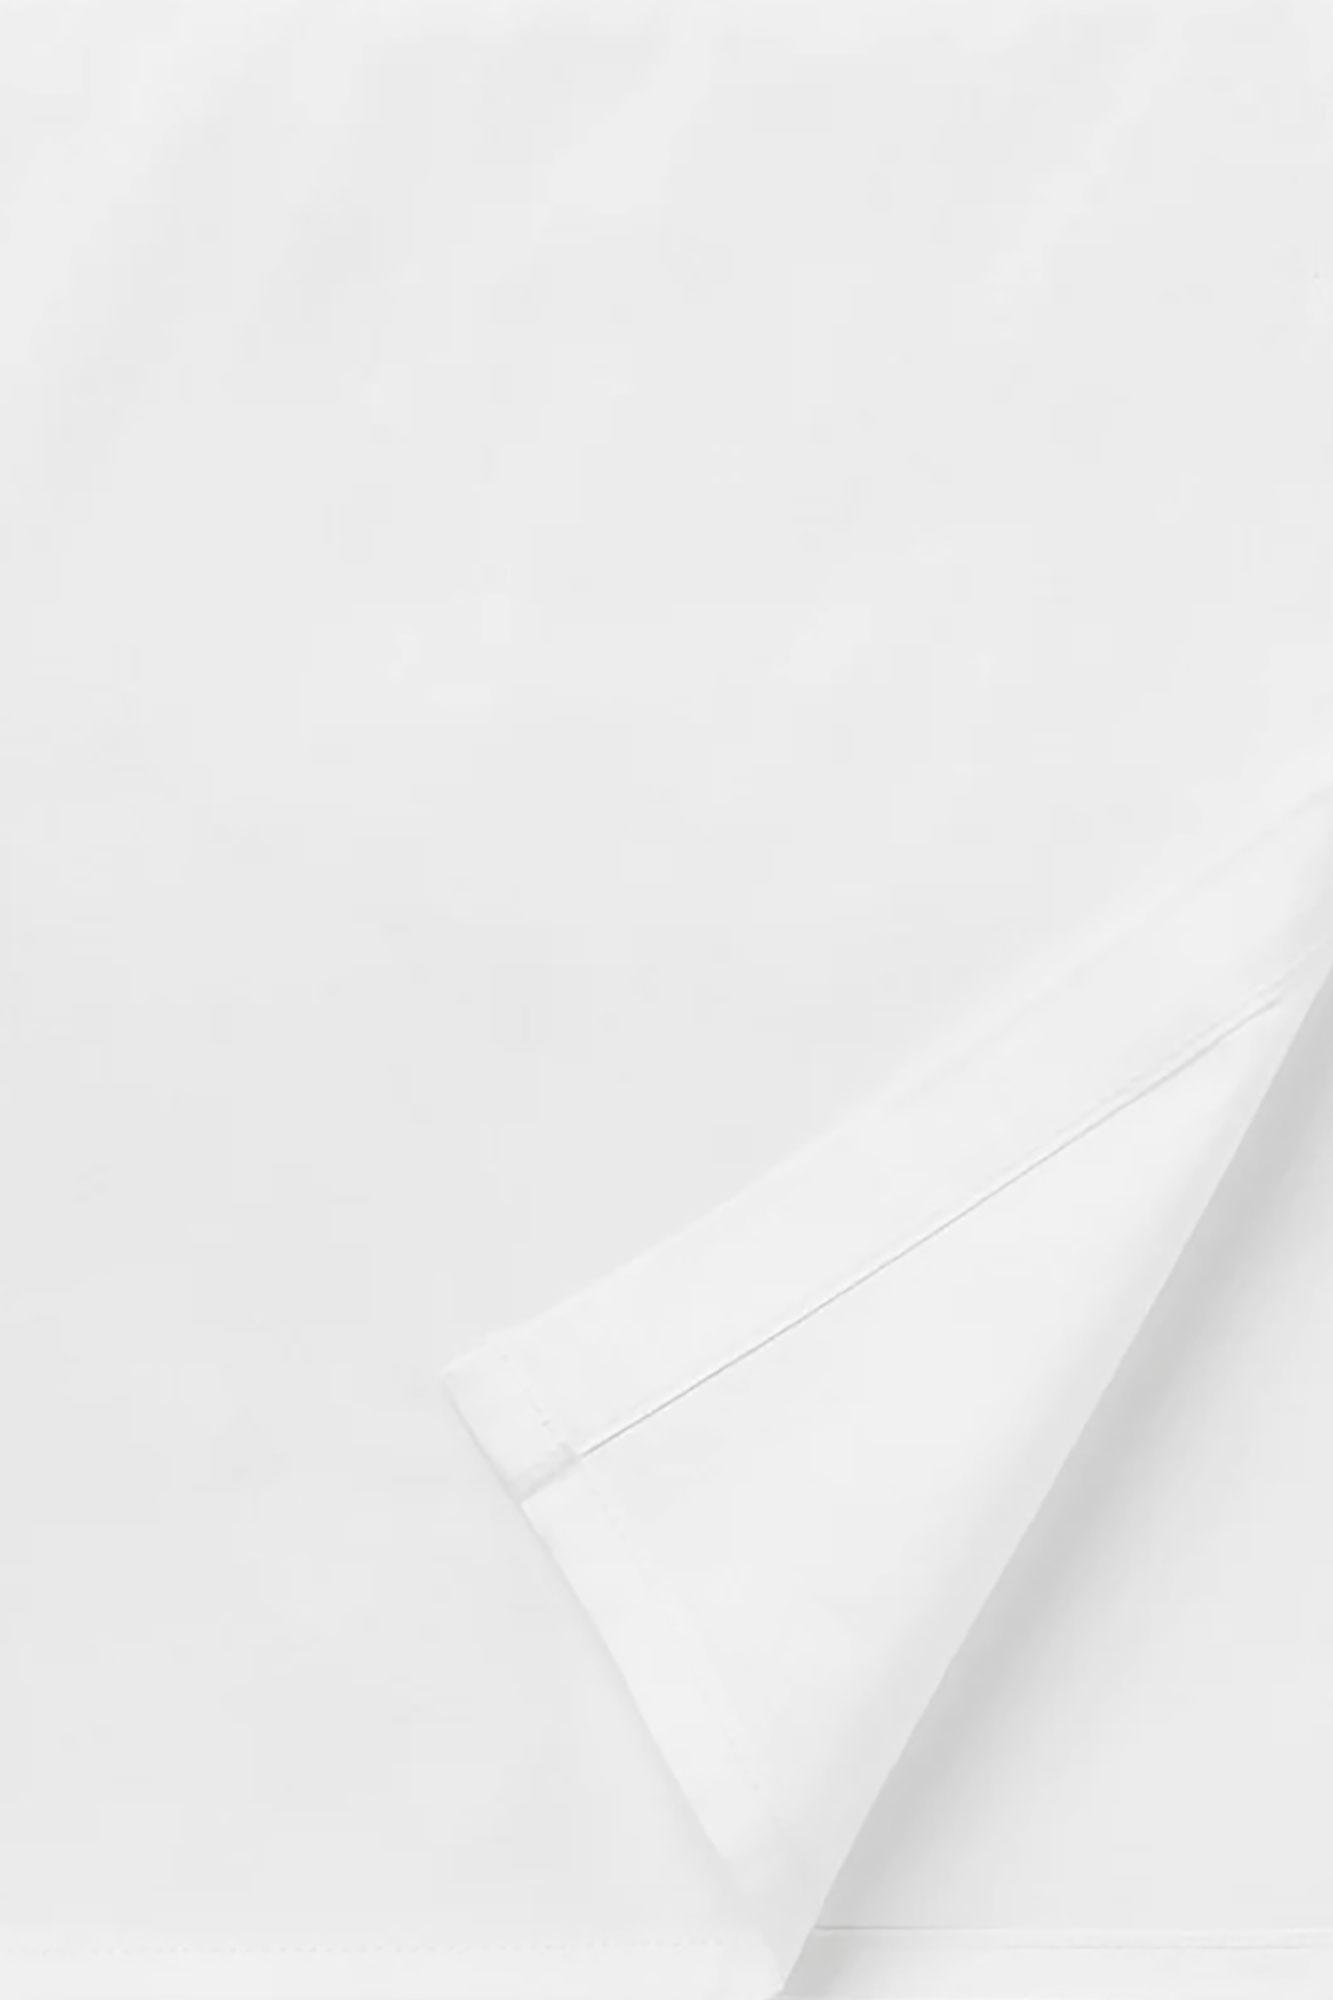 Lençol de cobrir berço Branco